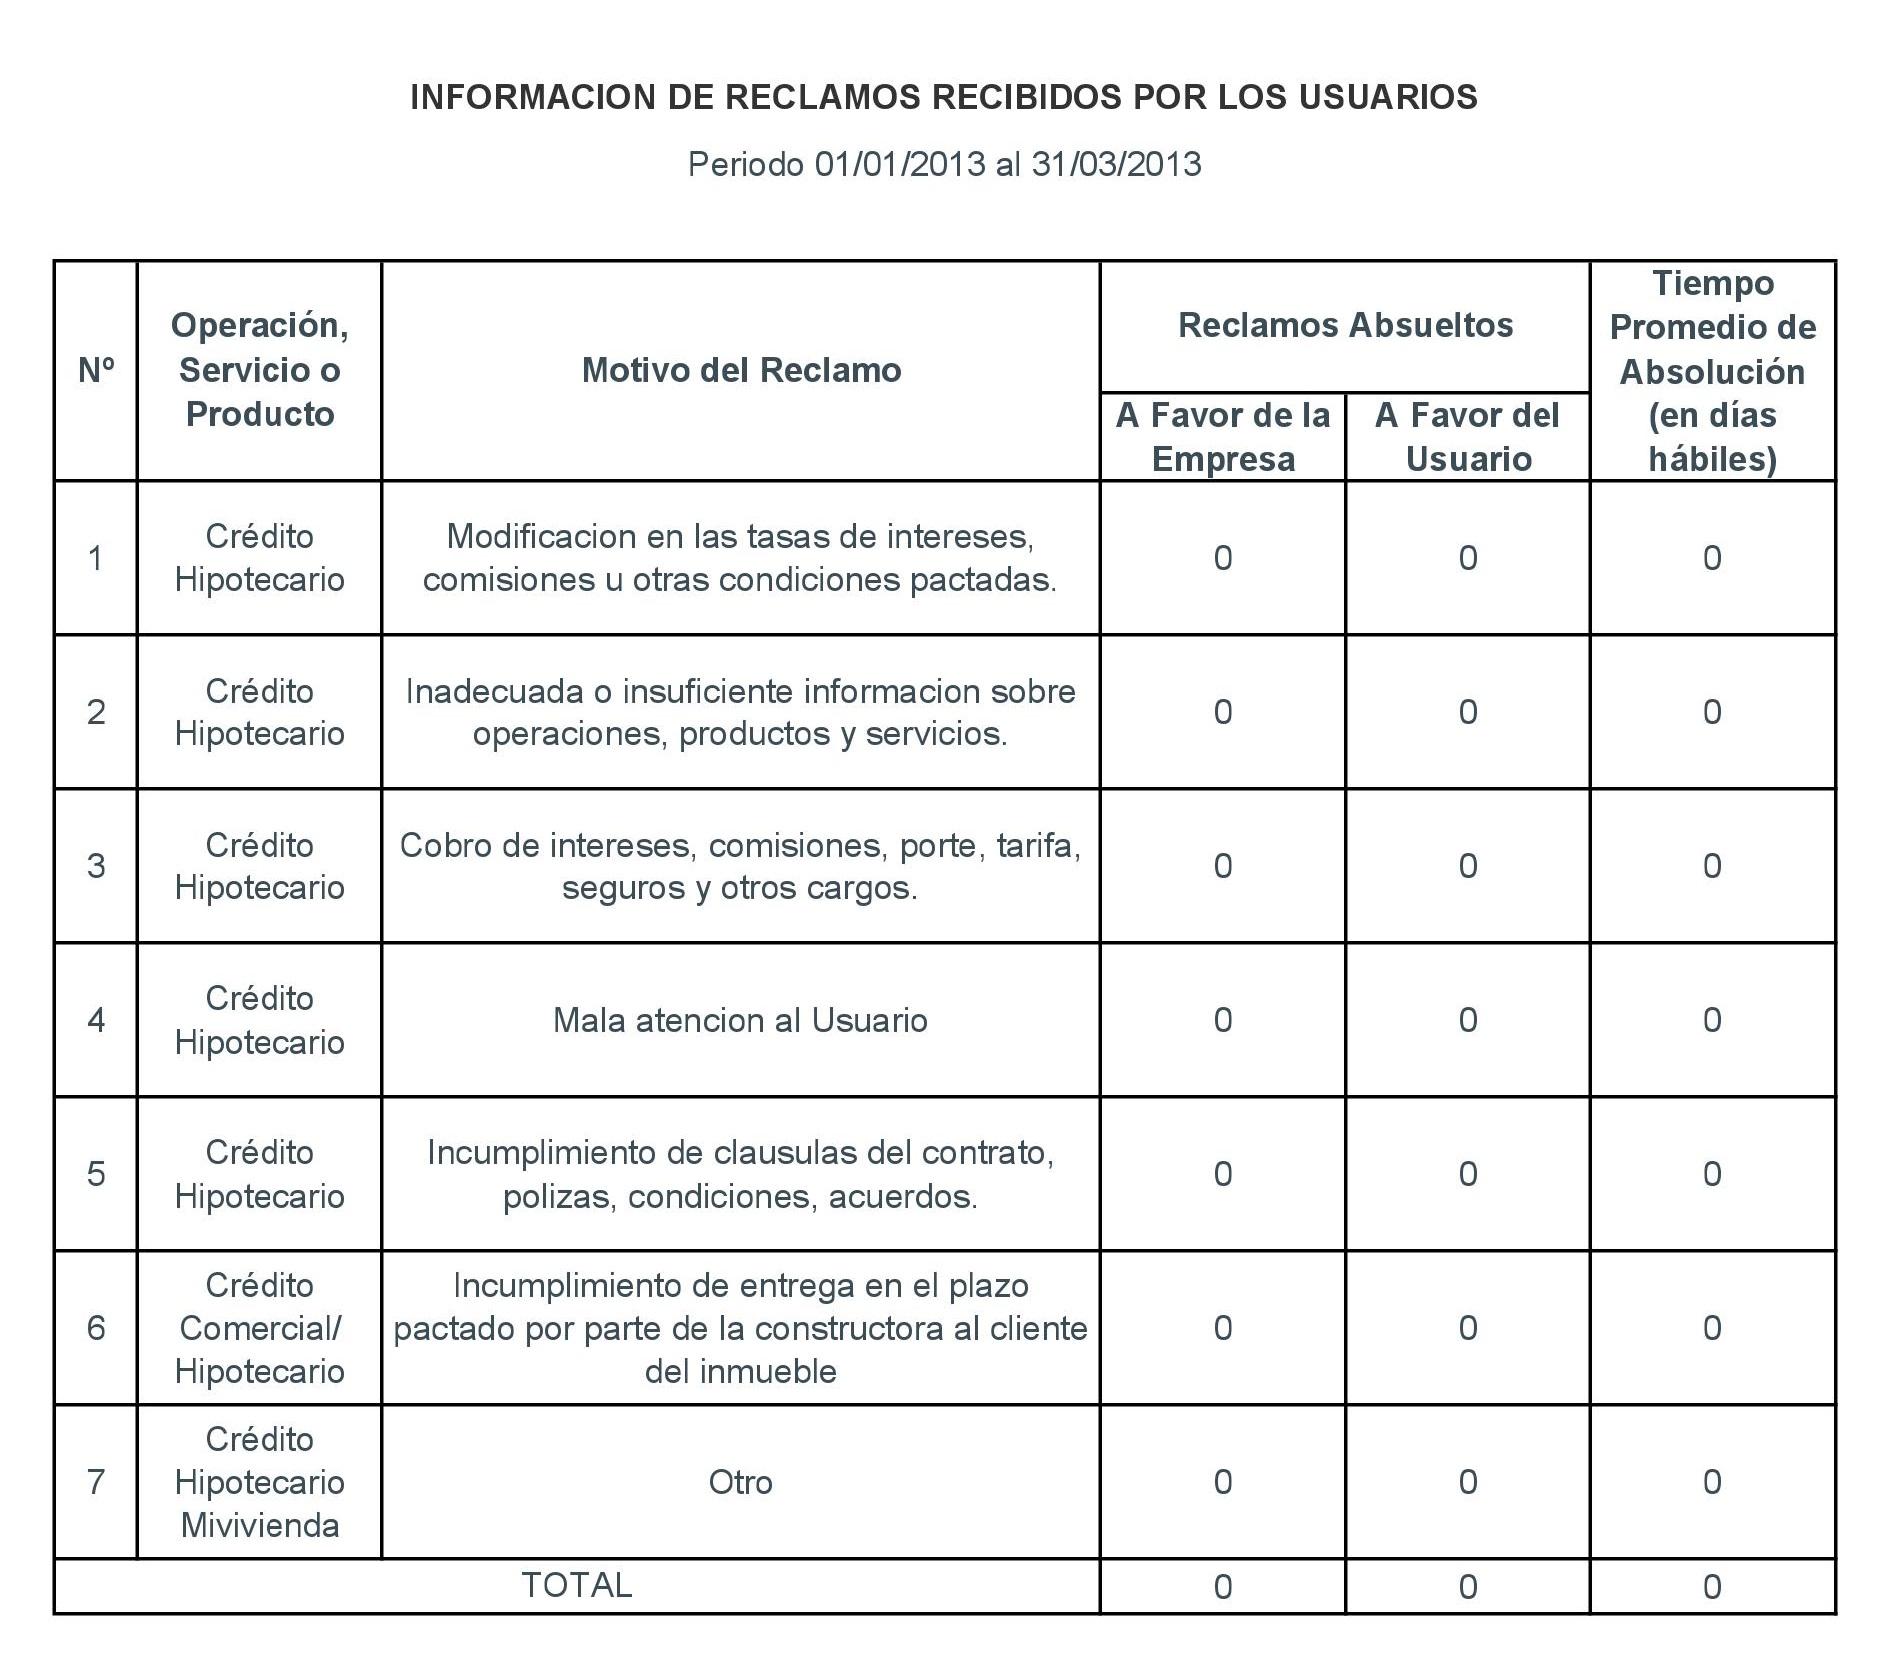 Periodo 01-01-2013 al 31-03-2013